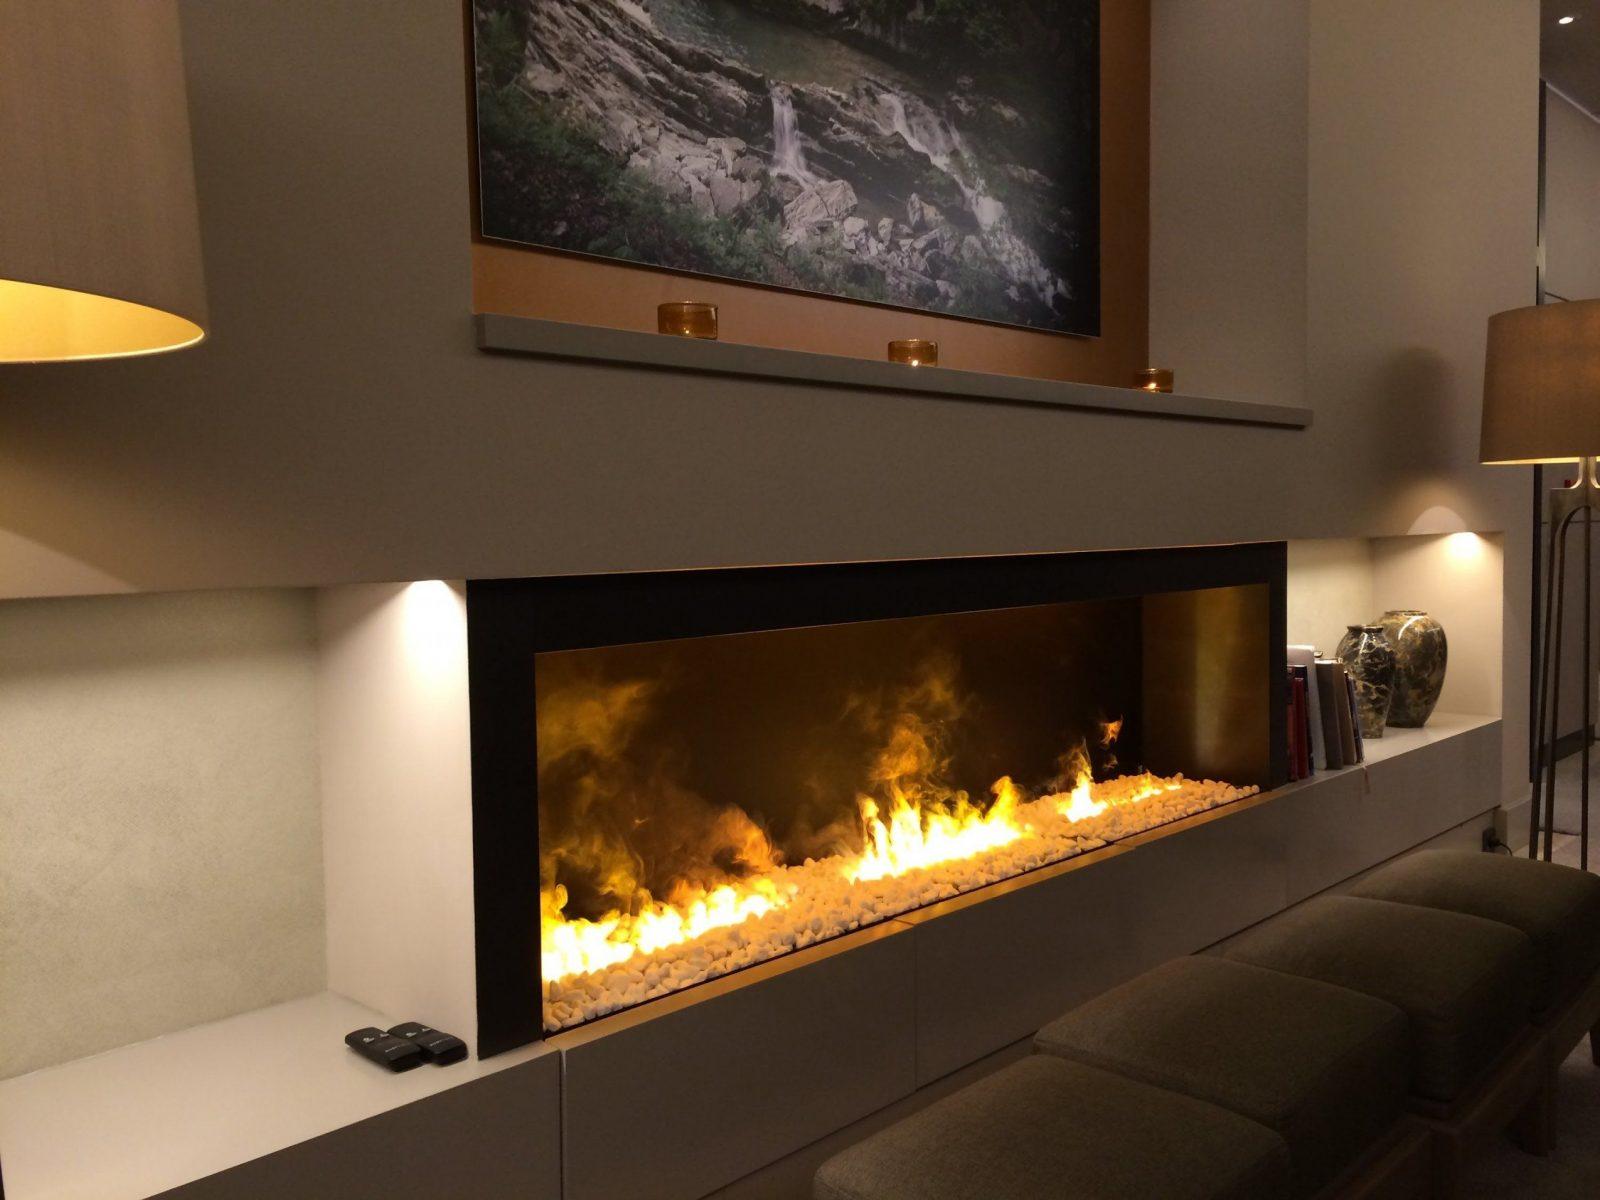 Kaminofen Schweiz Gunstig Speckstein Vorteil Elektrokamine Ofen von Elektrokamine Mit Wasserdampf Feuer Photo